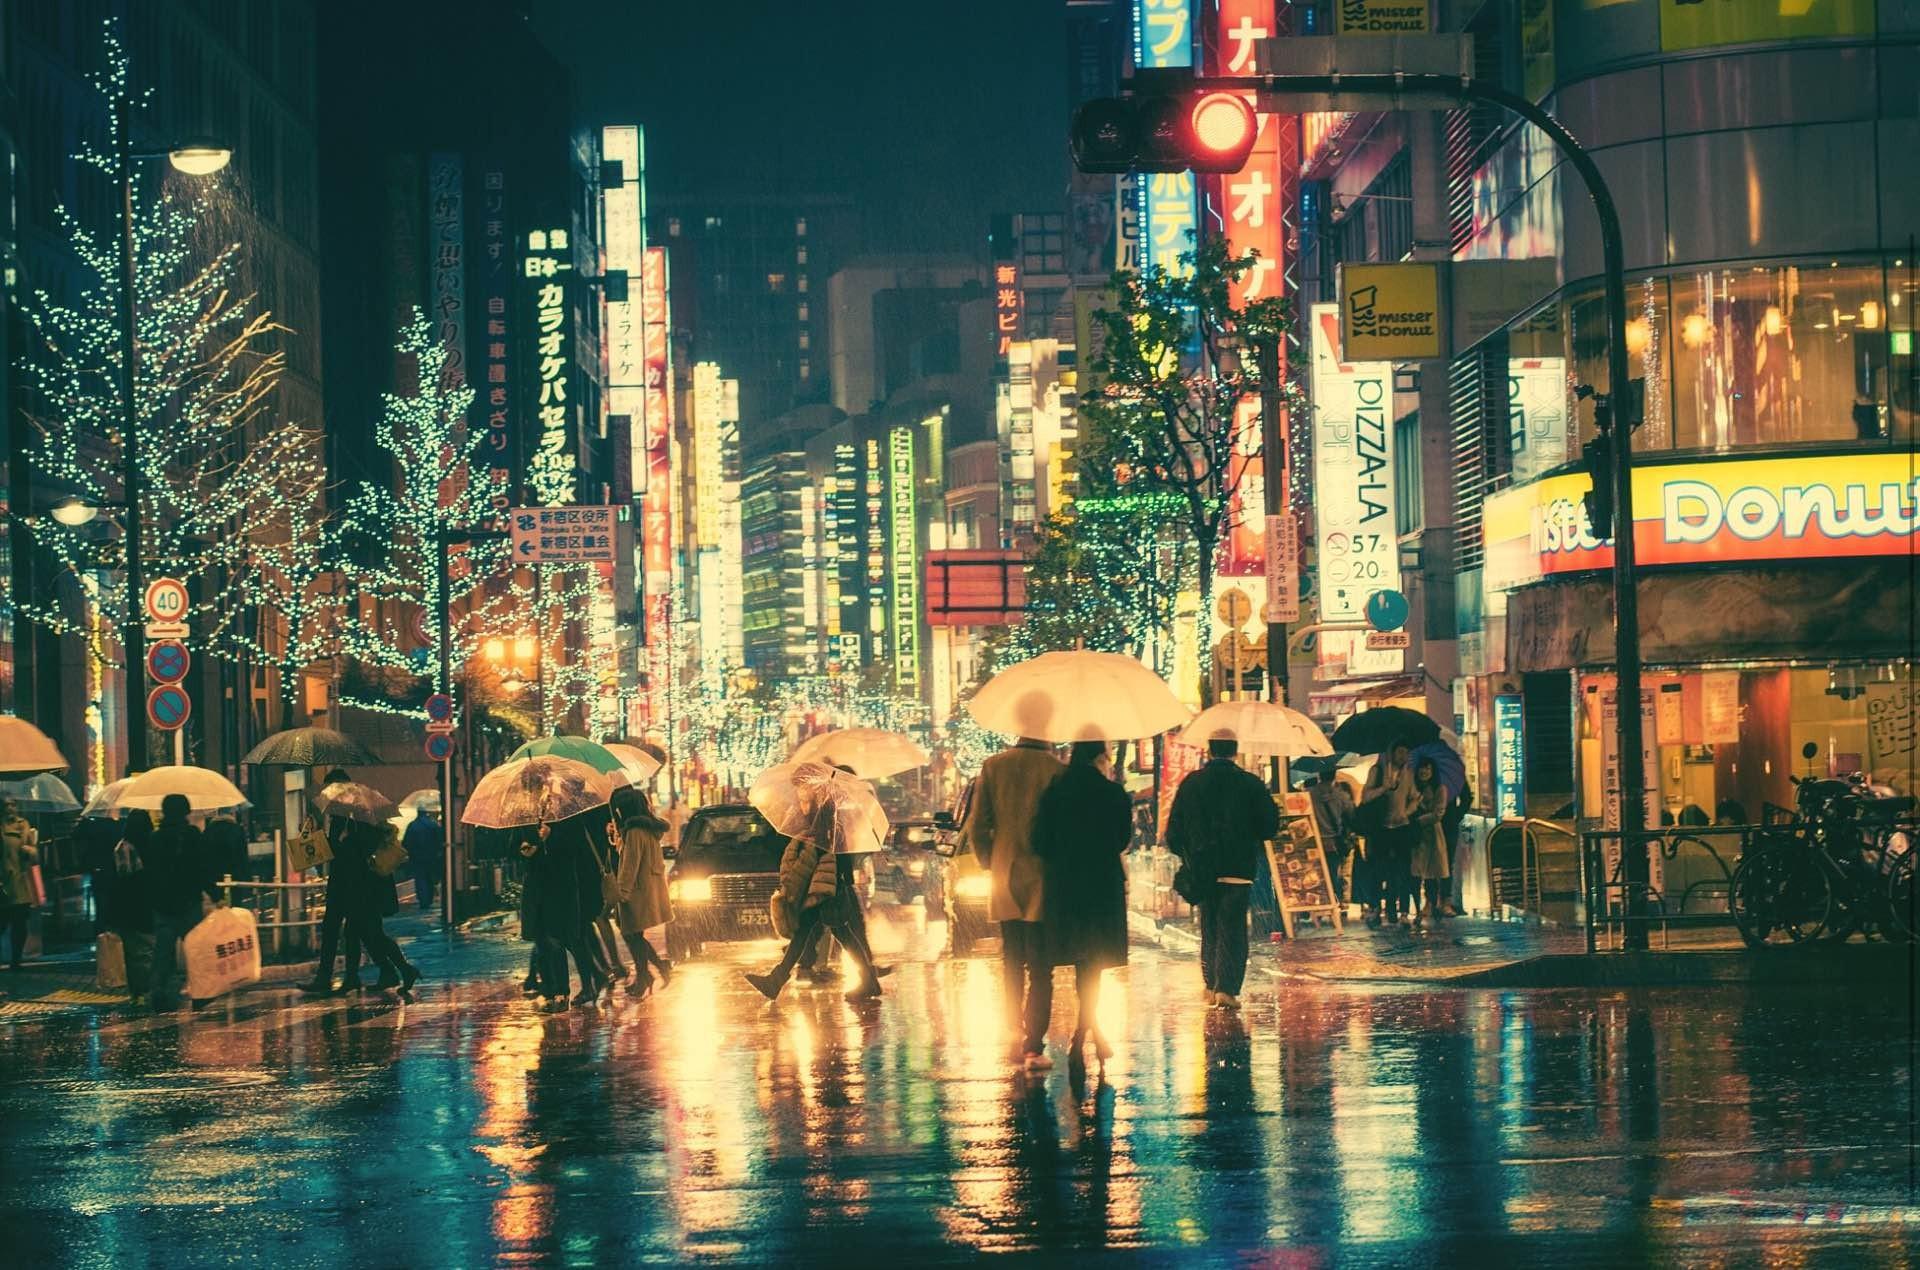 Photo: Masashi Wakui